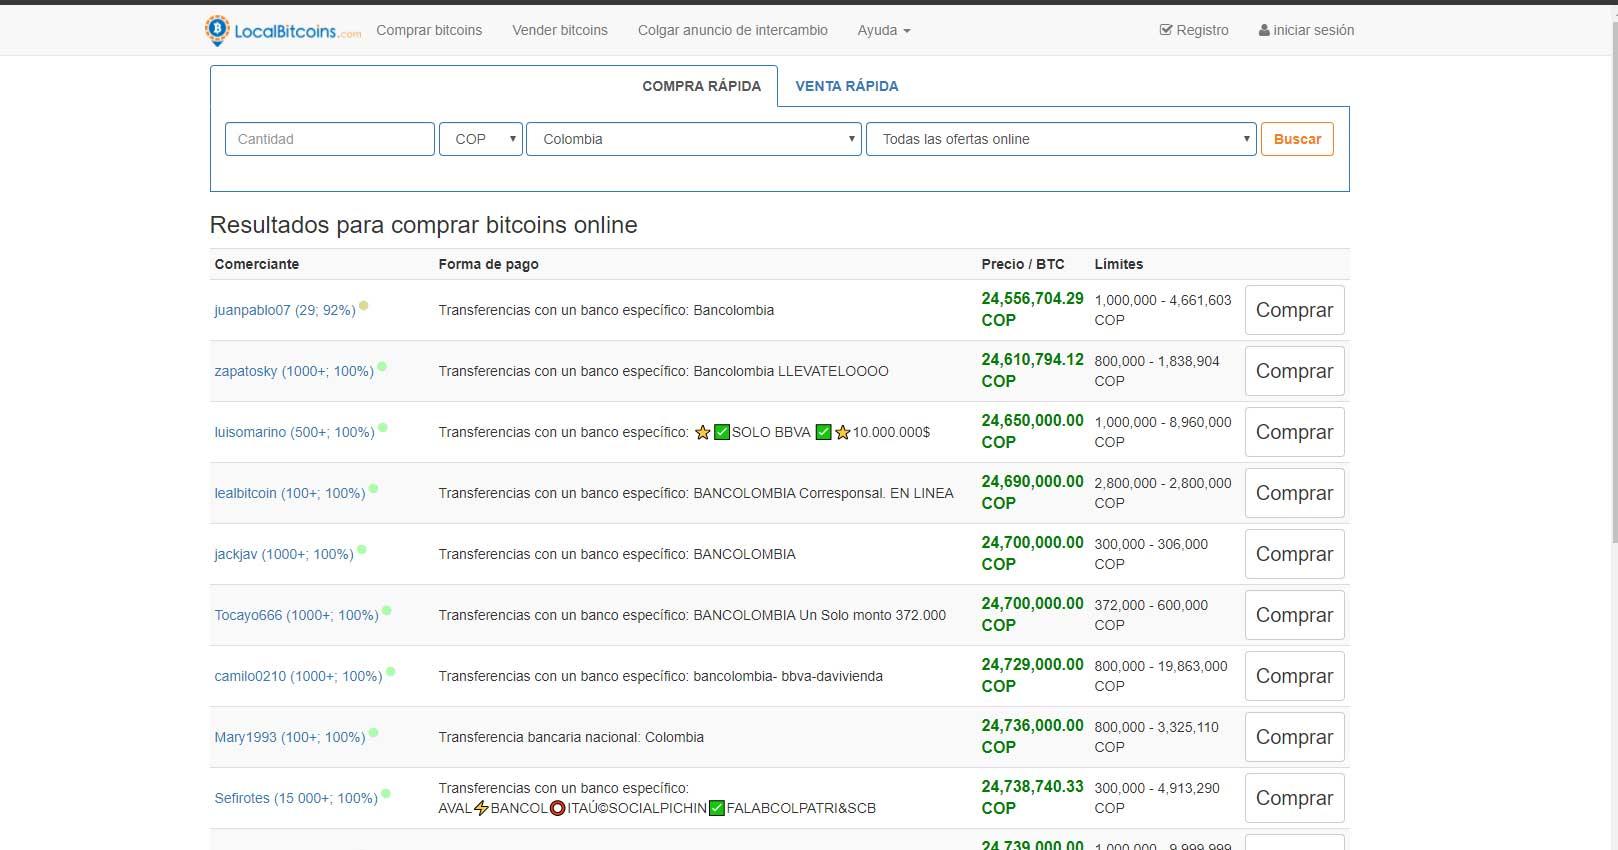 Comprar bitcoin en Colombia en Localbitcoin.com